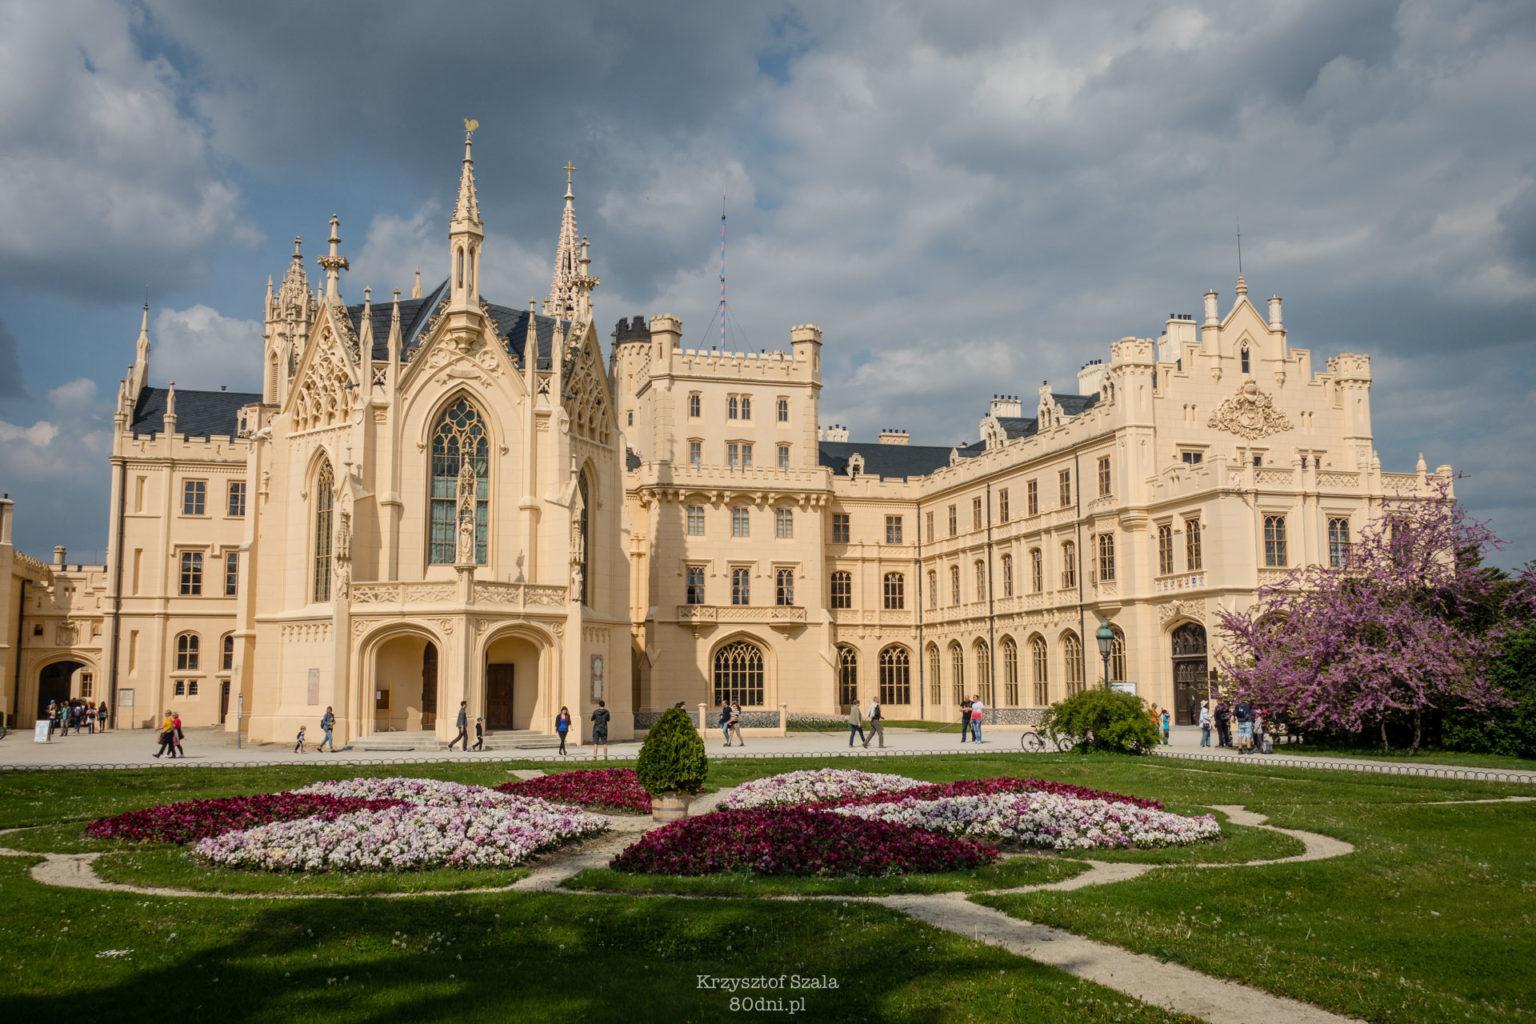 Pałac w Lednicach znajduje się na liście dziedzictwa UNESCO.